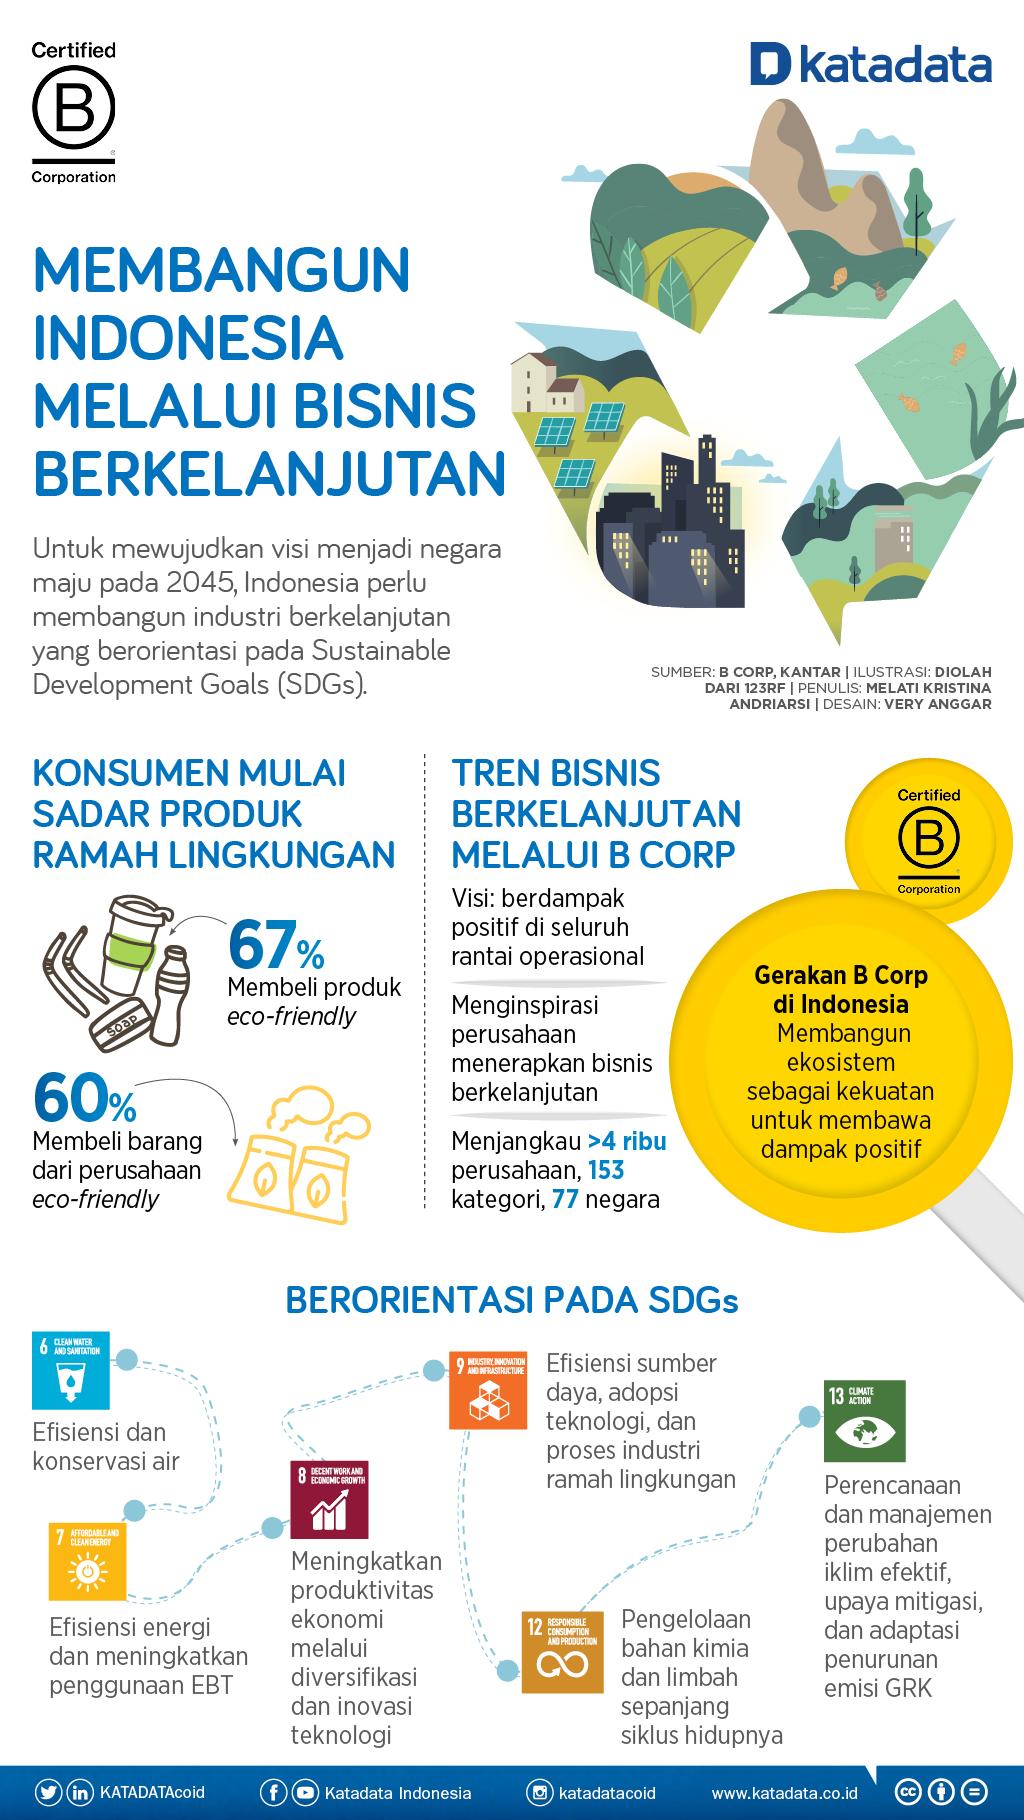 Infografik_Membangun Indonesia Melalui Bisnis Berkelanjutan